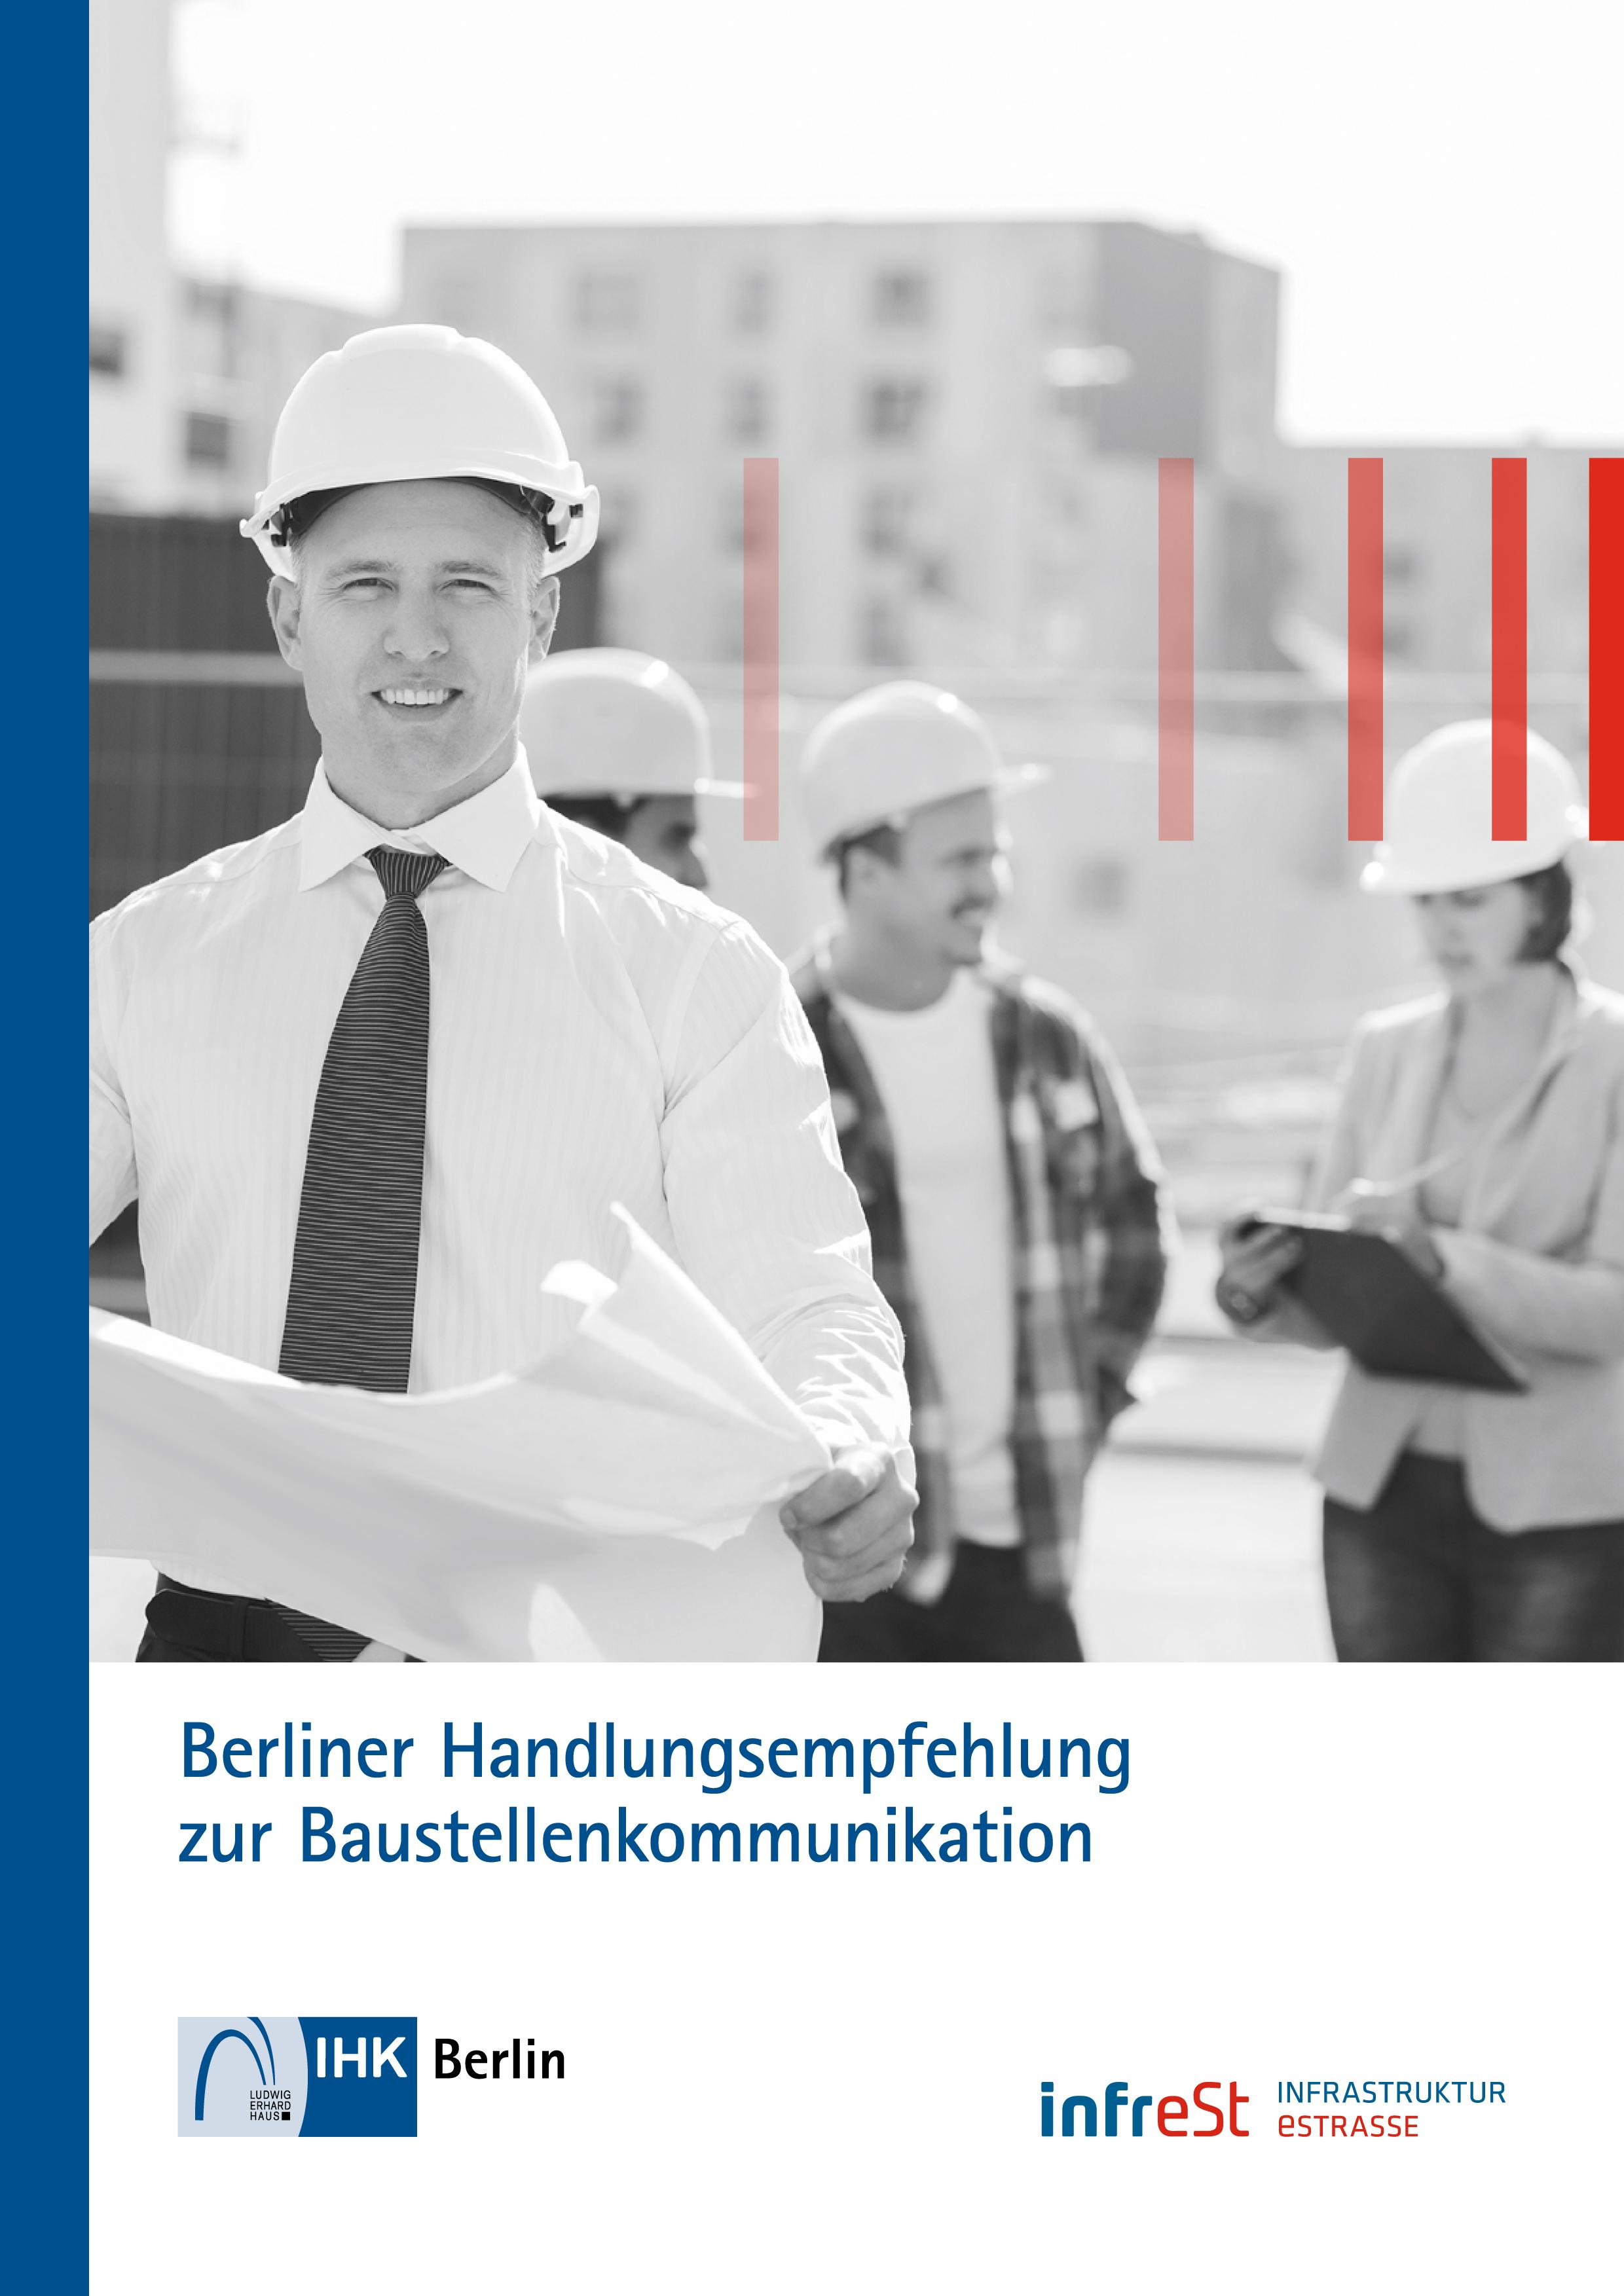 """Die Broschüre """"Berliner Handlungsempfehlung zur Baustellenkommunikation"""" gibt es zum Herunterladen unter www.ihk-berlin.de/baustellenkommunikation."""